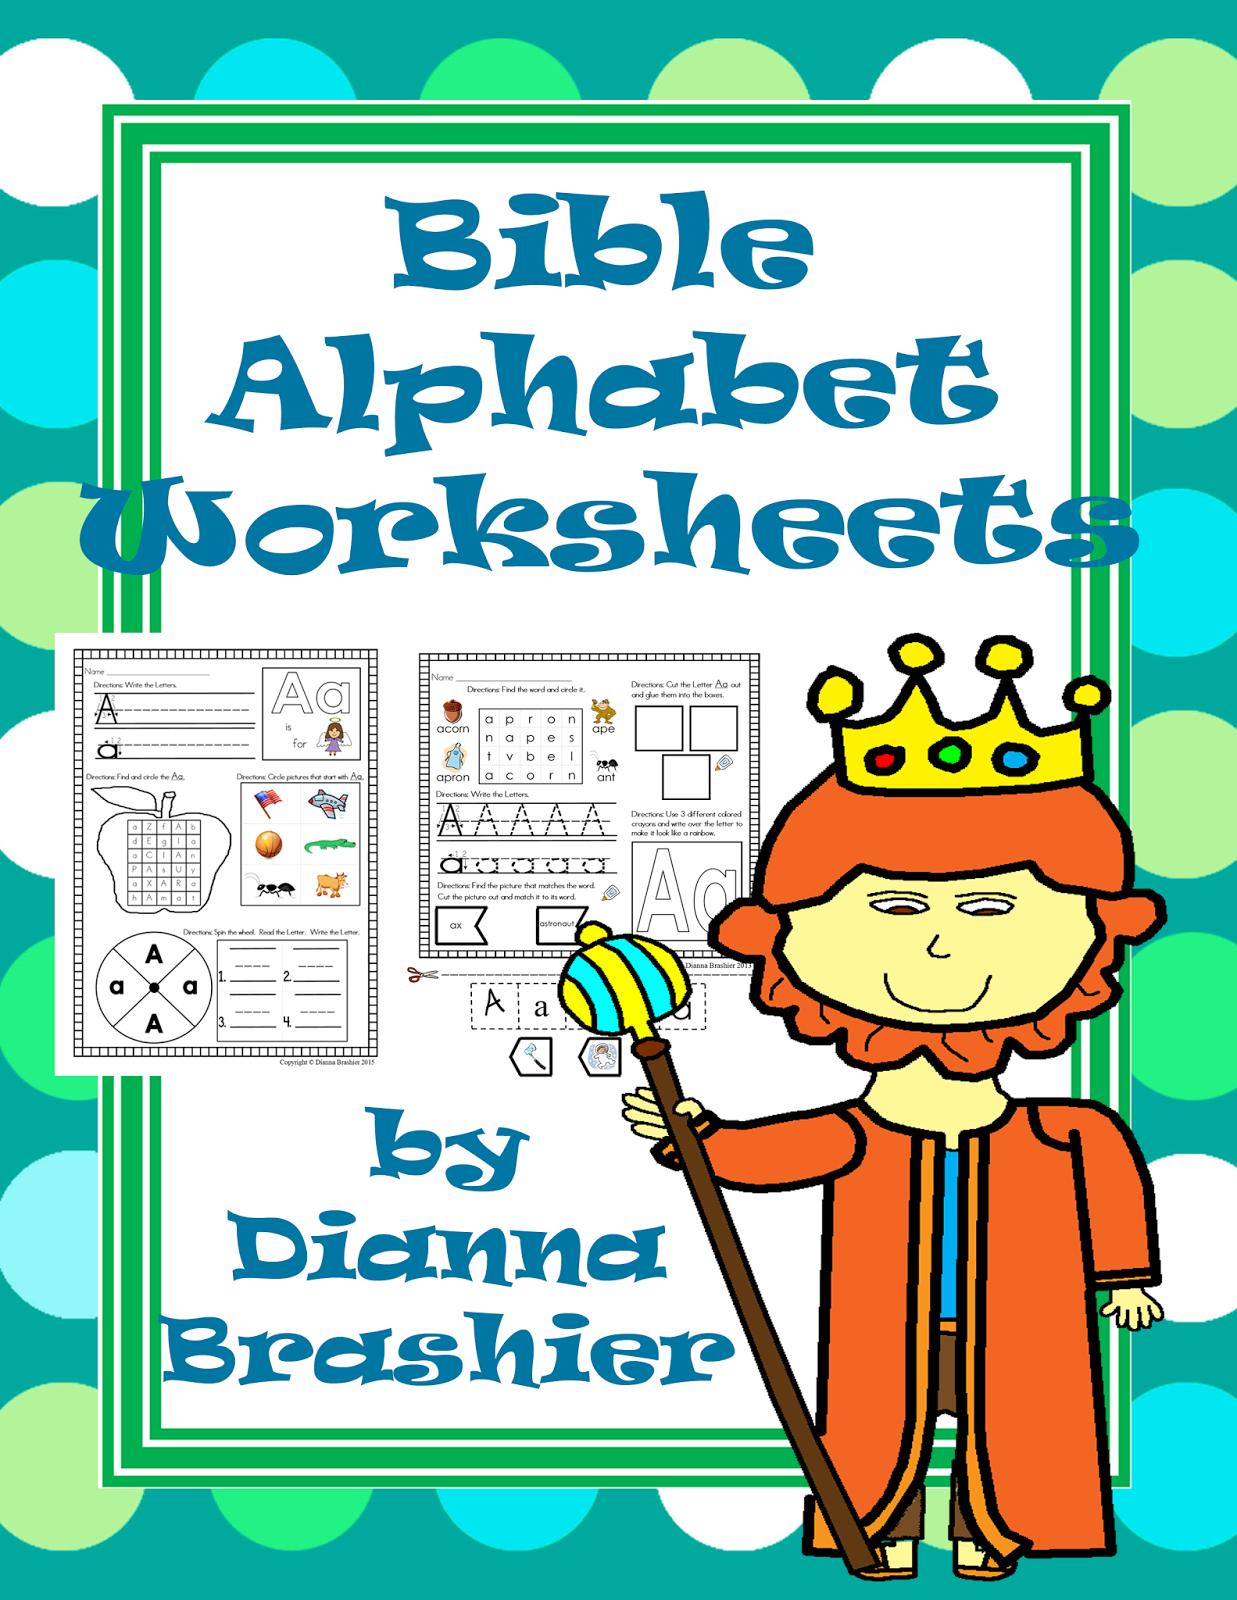 490449935664 Comprehension Worksheet For Grade 3 Word Net Worth – Similar Triangles Worksheet Pdf